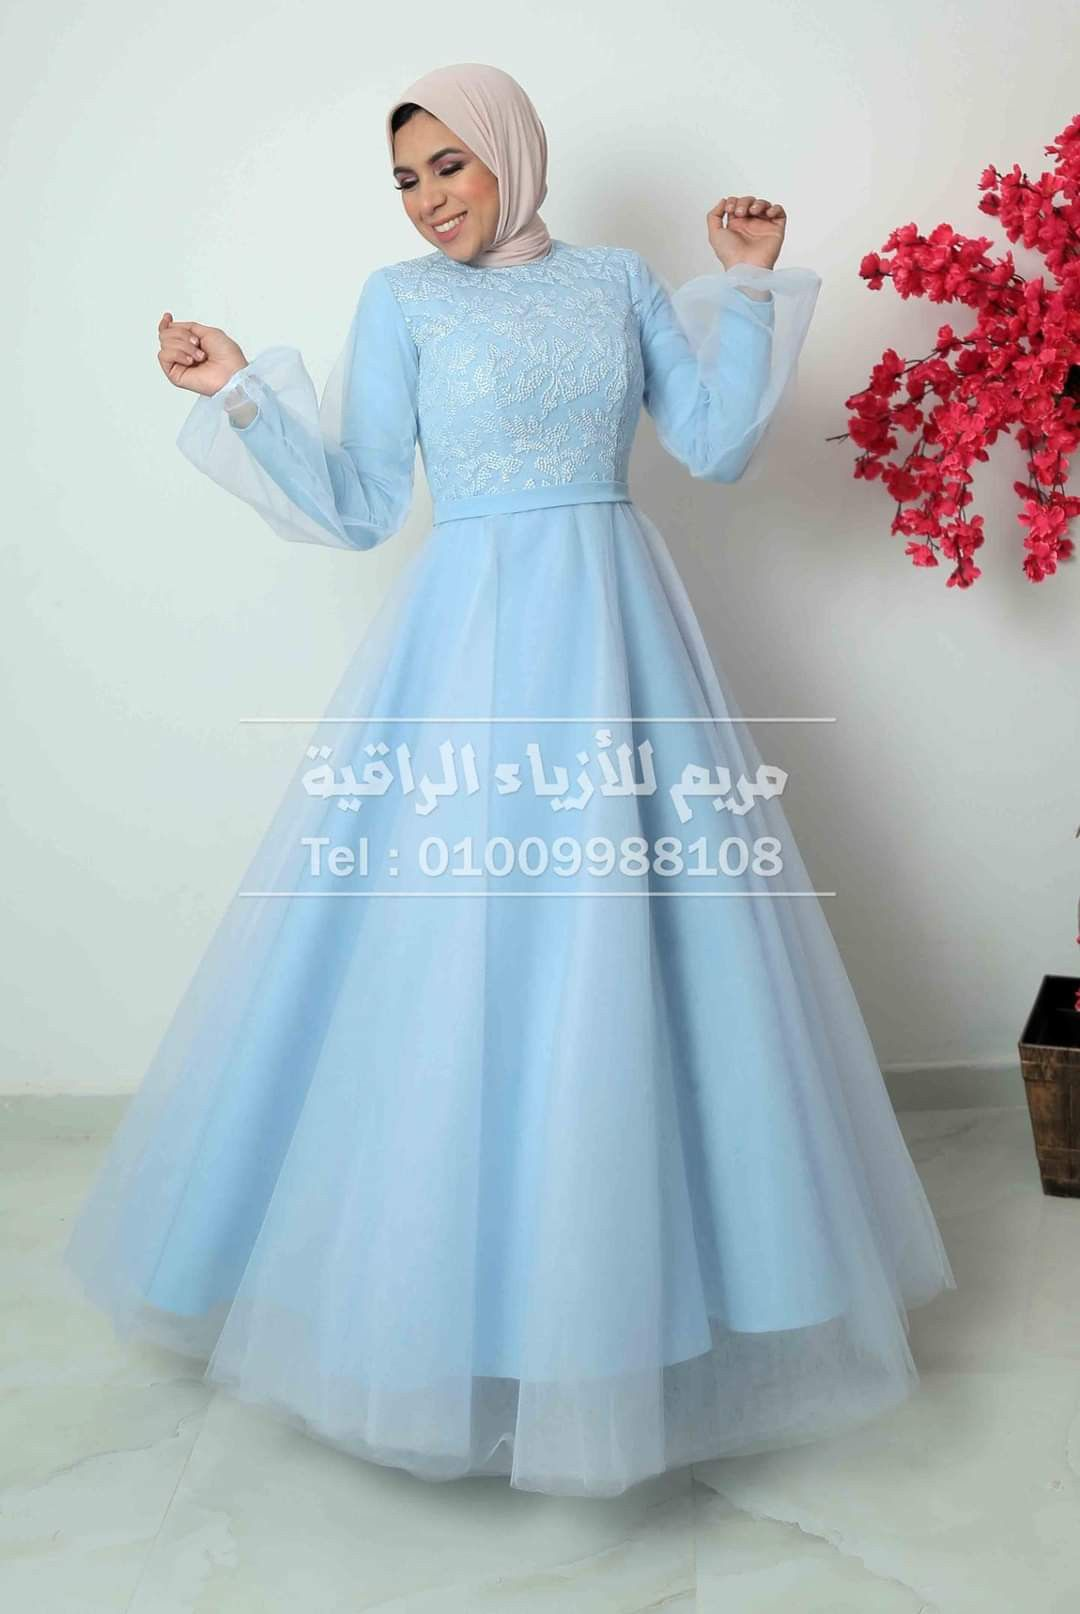 فستان سواريه بيبي بلو للمحجبات Hijab Dresses Fashion Drawing Dresses Dresses Hijab Fashionista